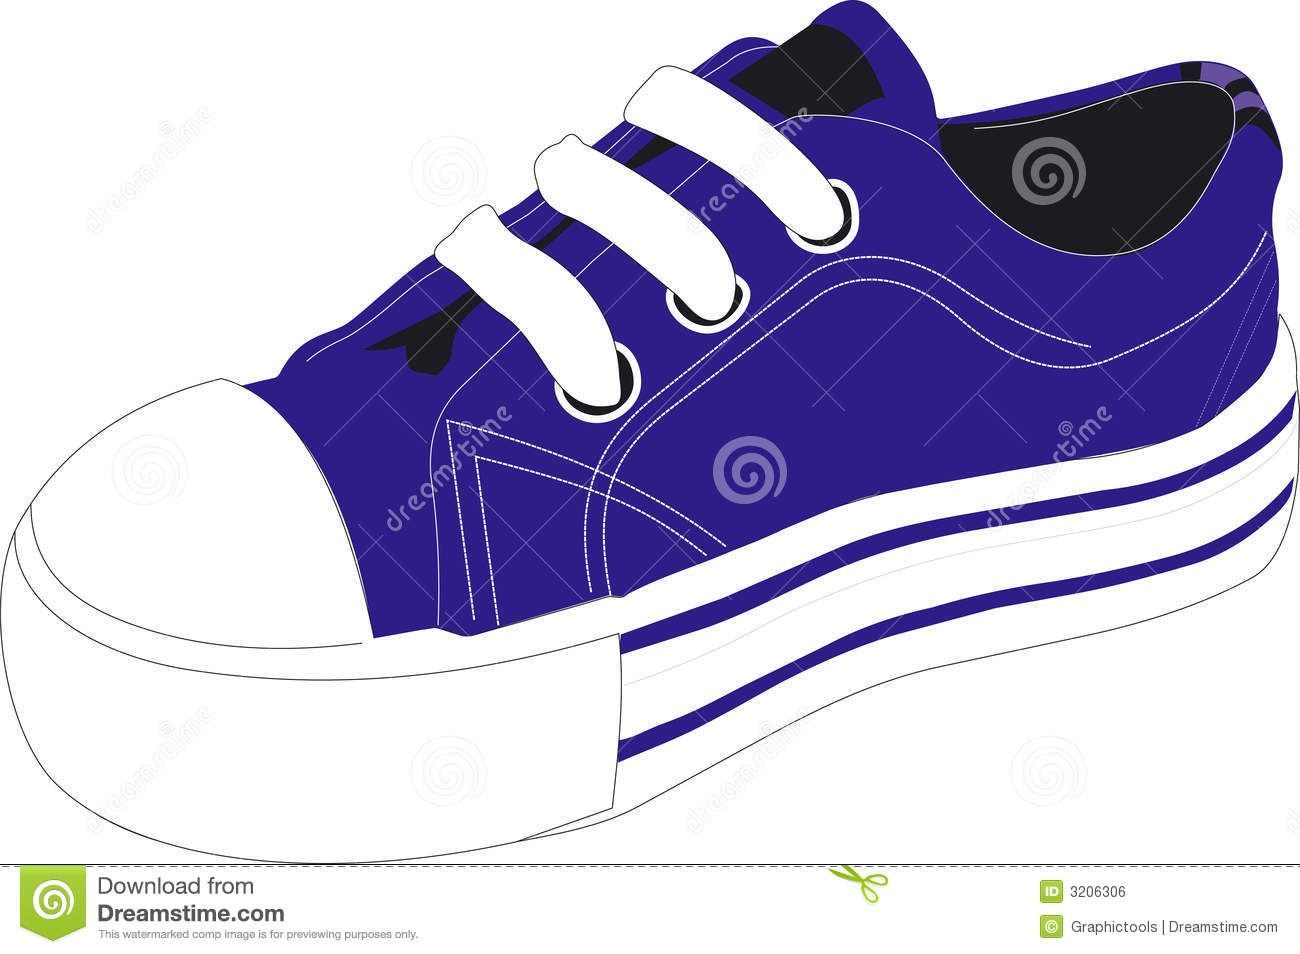 Blue Shoe Clipart - Clipart Kid